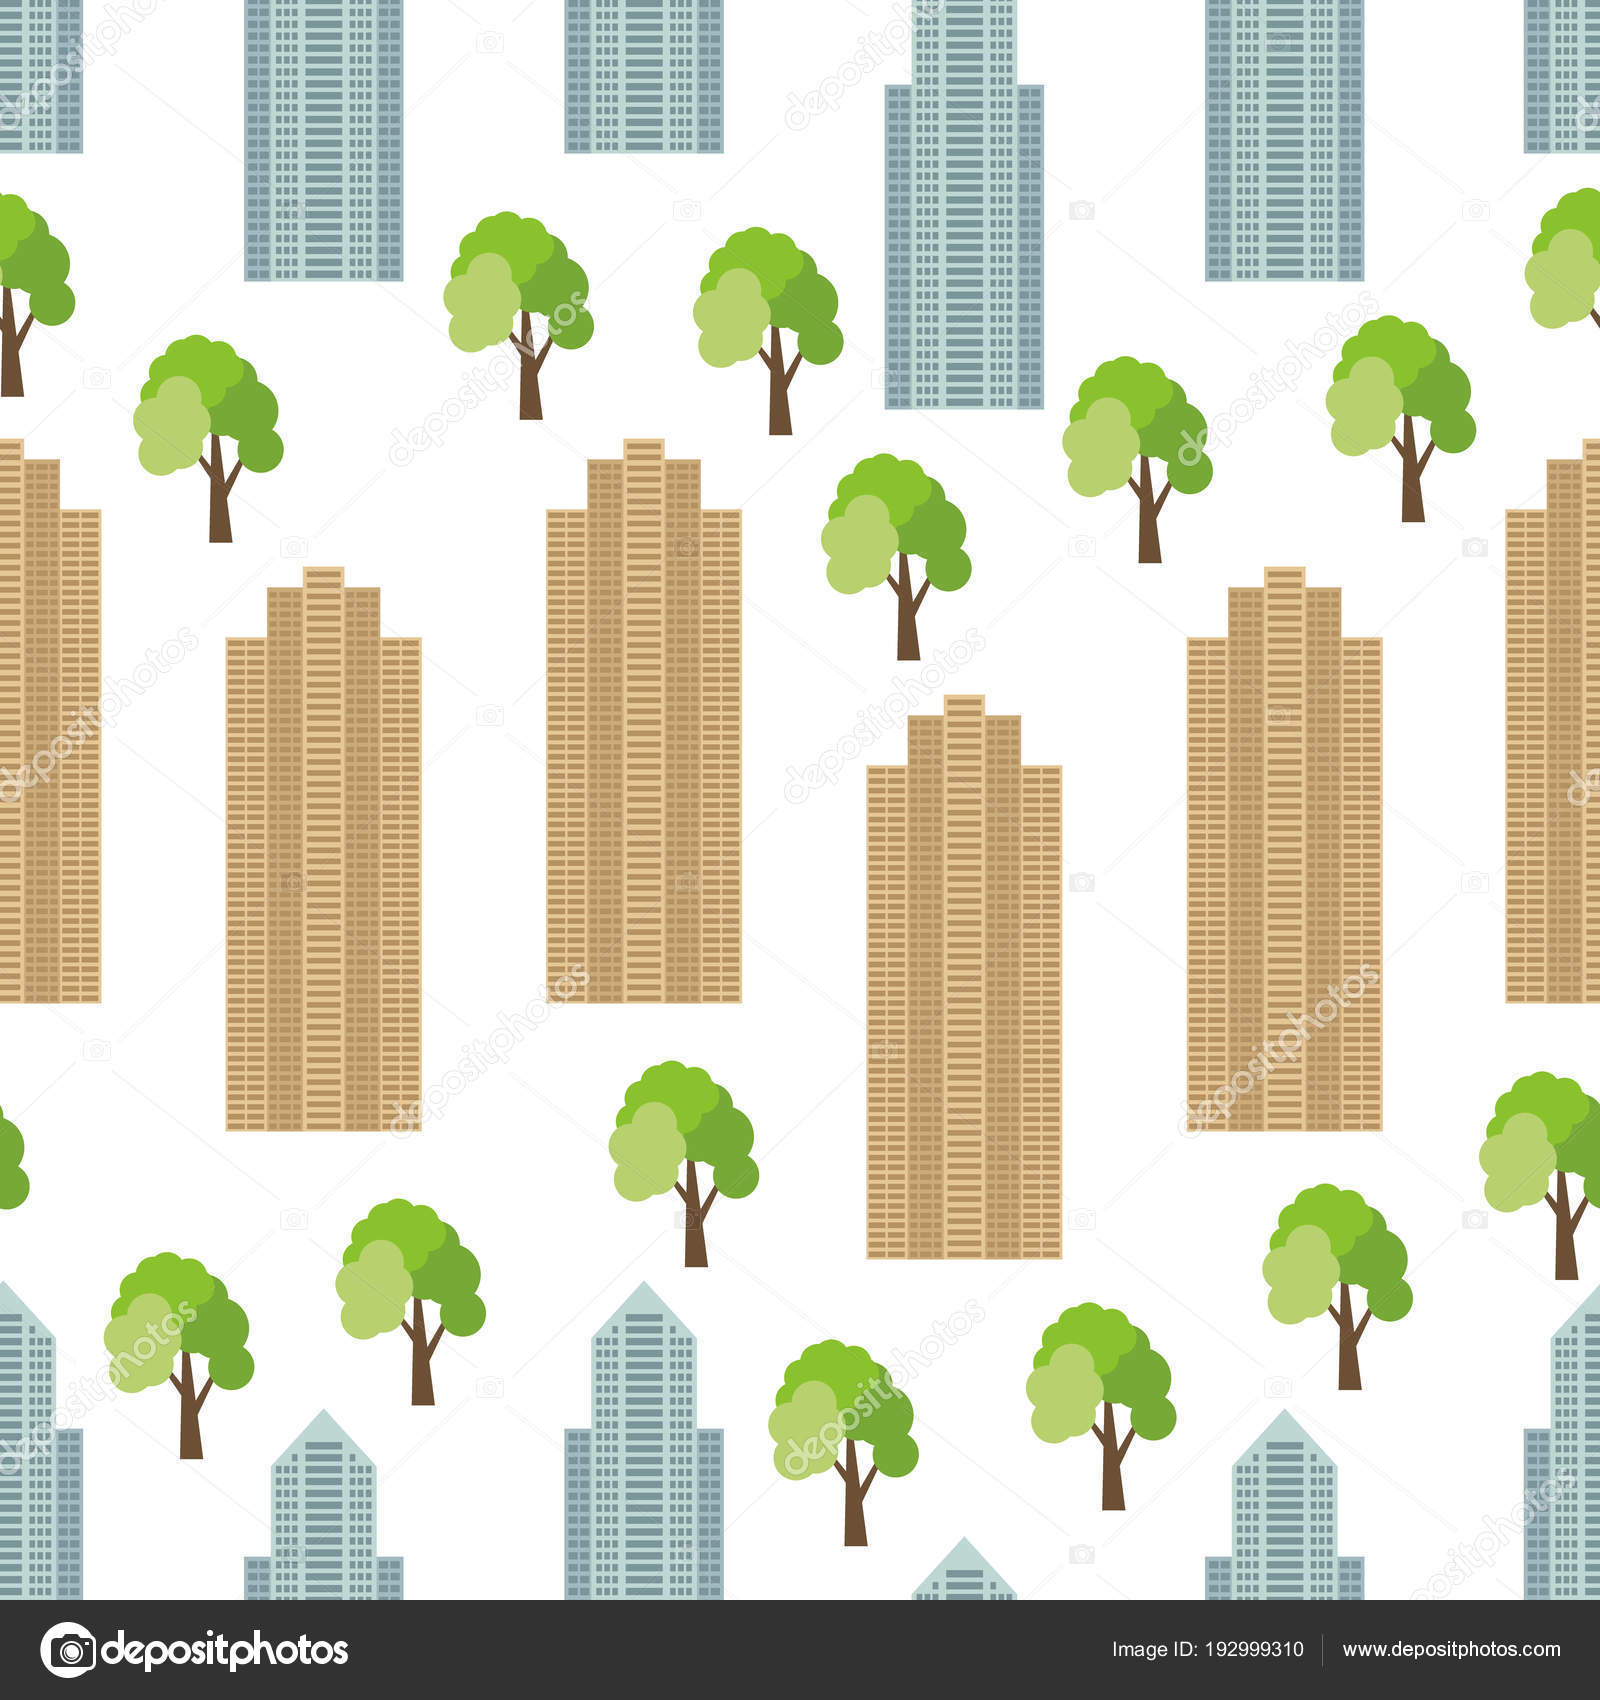 Nahtlose Stadt Hintergrund mit modernen Häusern und grünen Bäumen ...